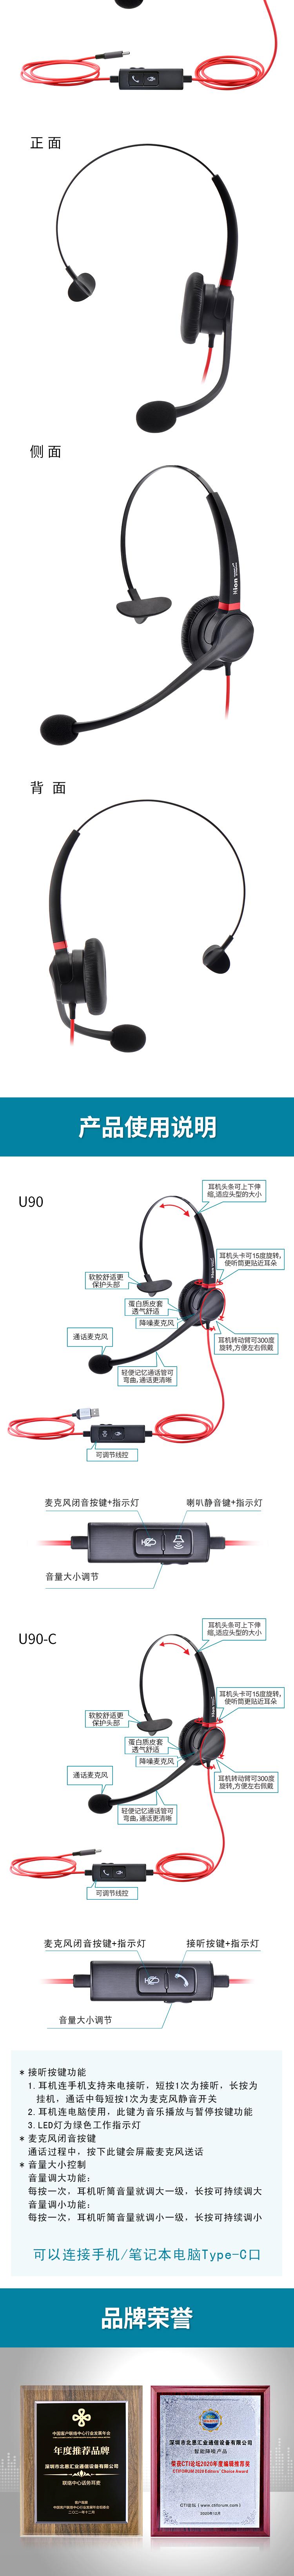 北恩 U90